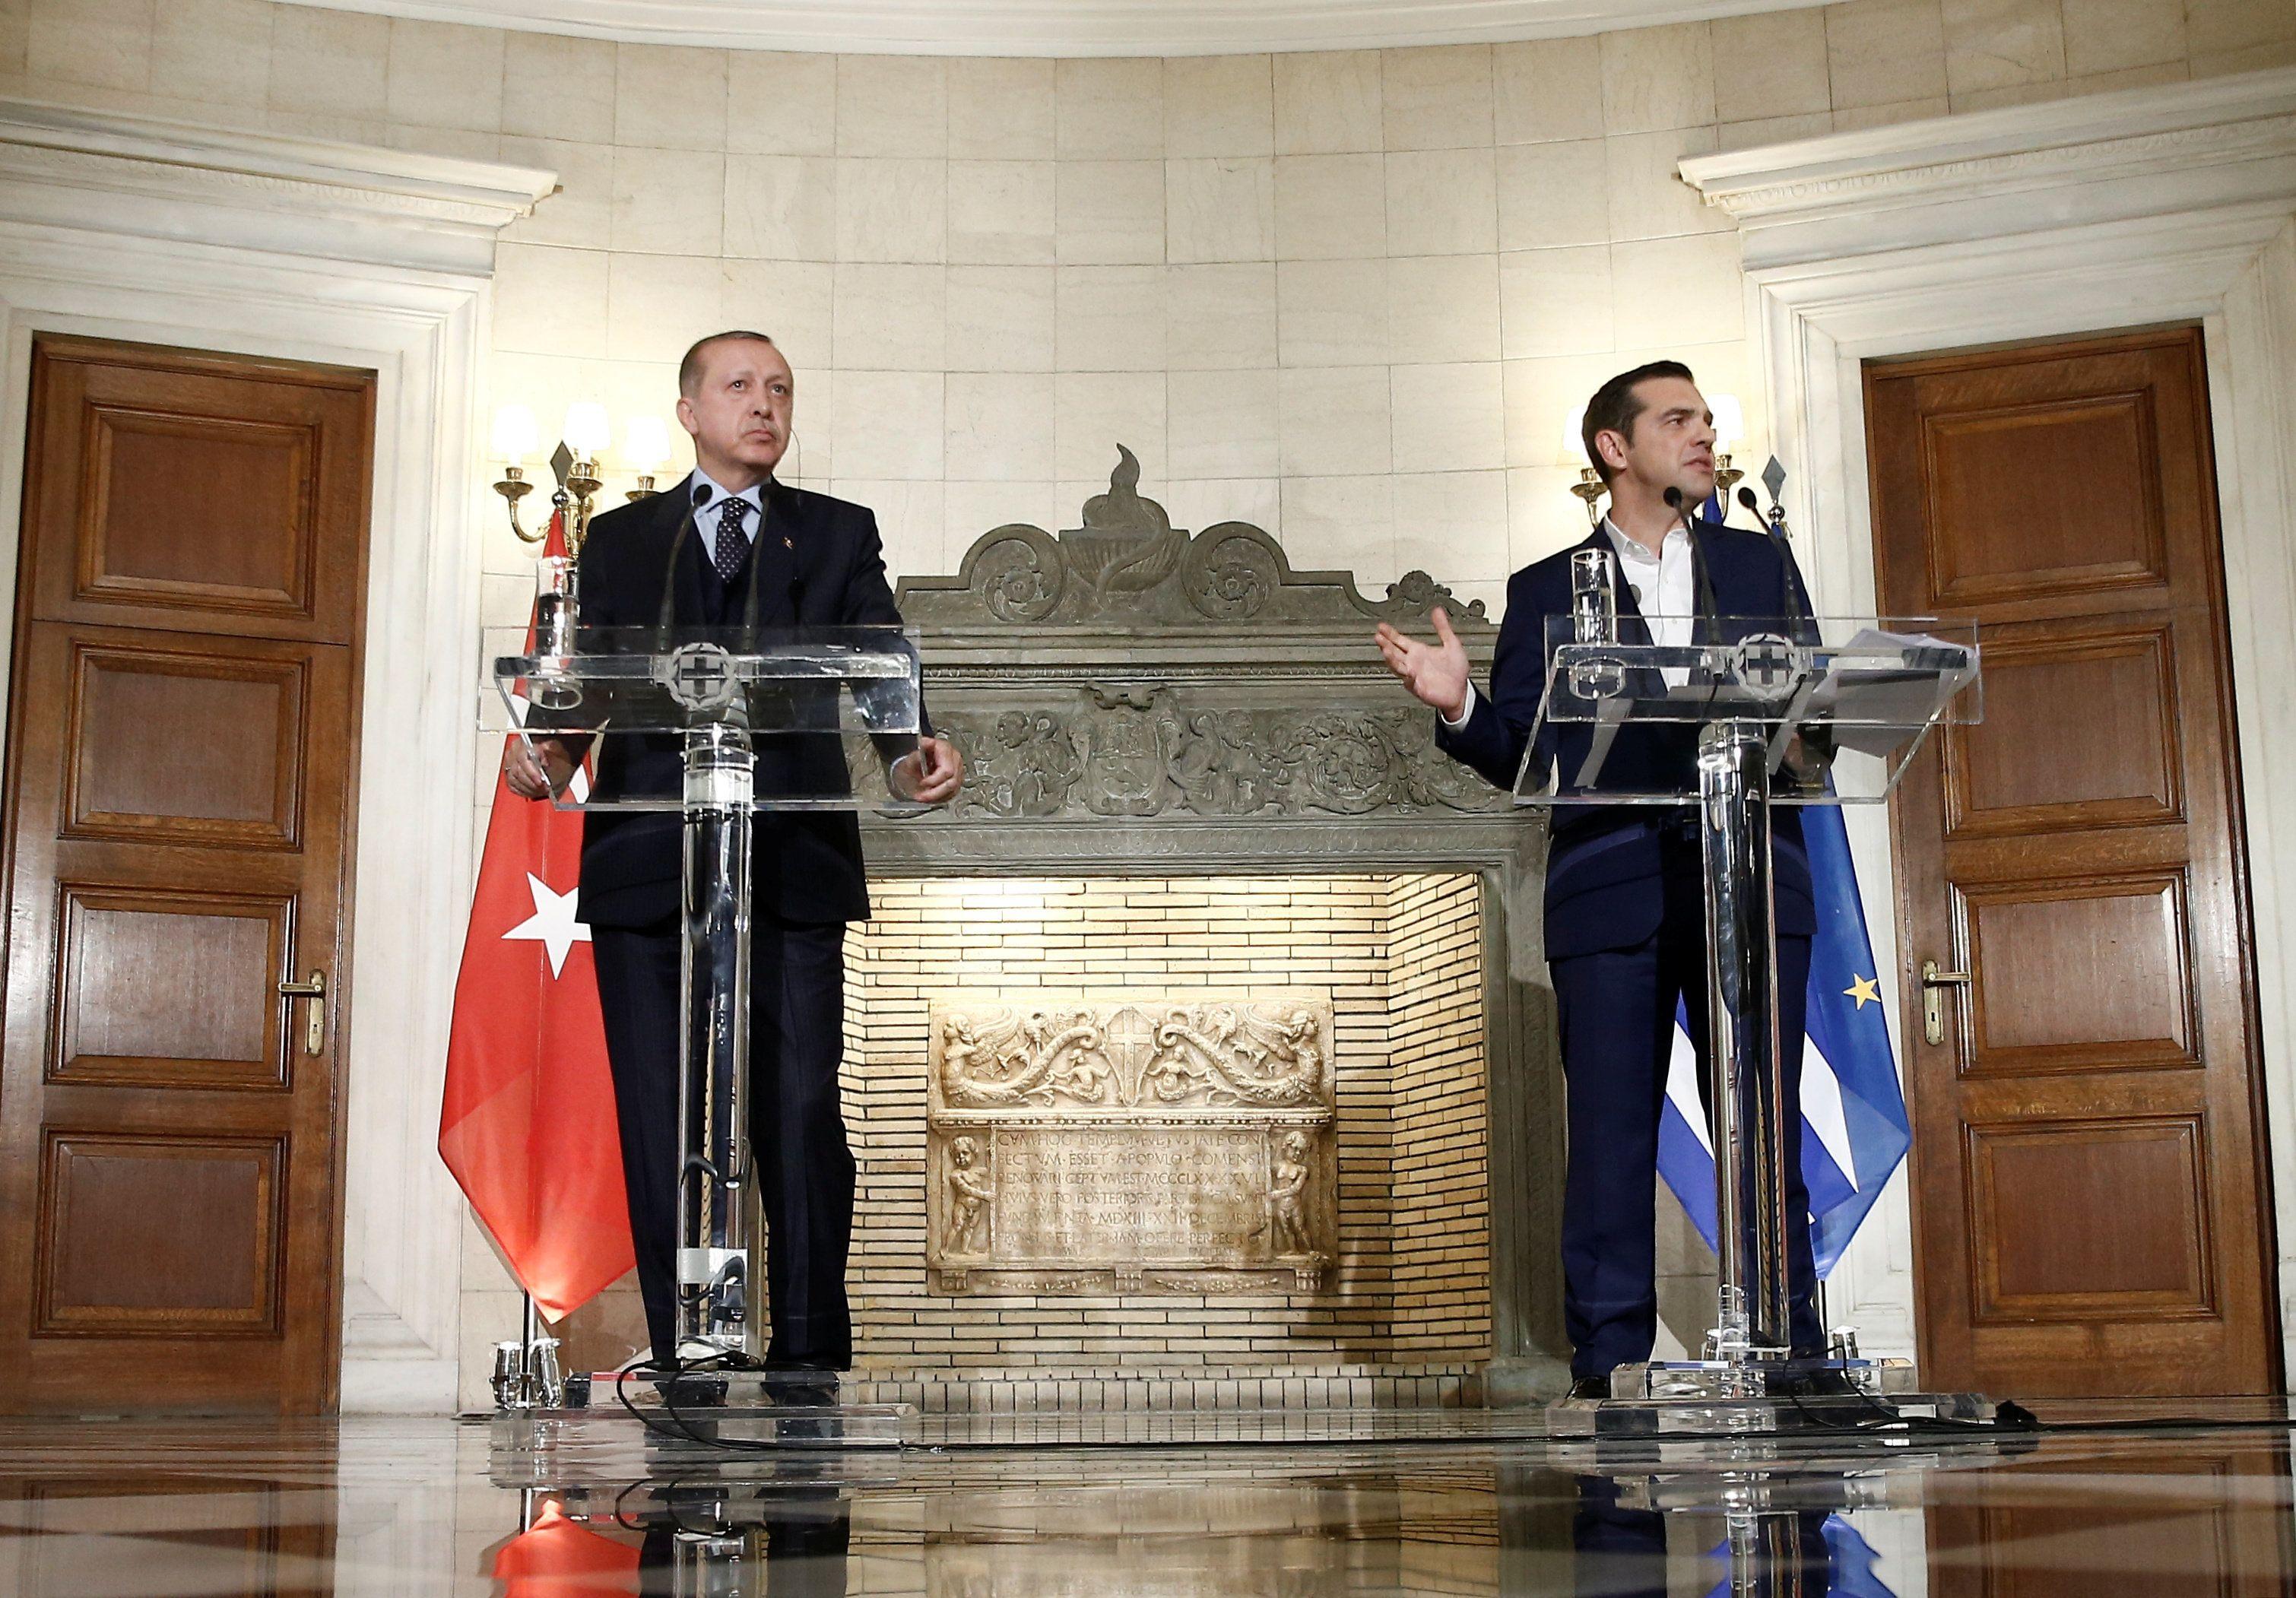 Σήμερα η συνάντηση του Τσίπρα με τον Ερντογάν στο περιθώριο των εργασιών της Συνόδου του